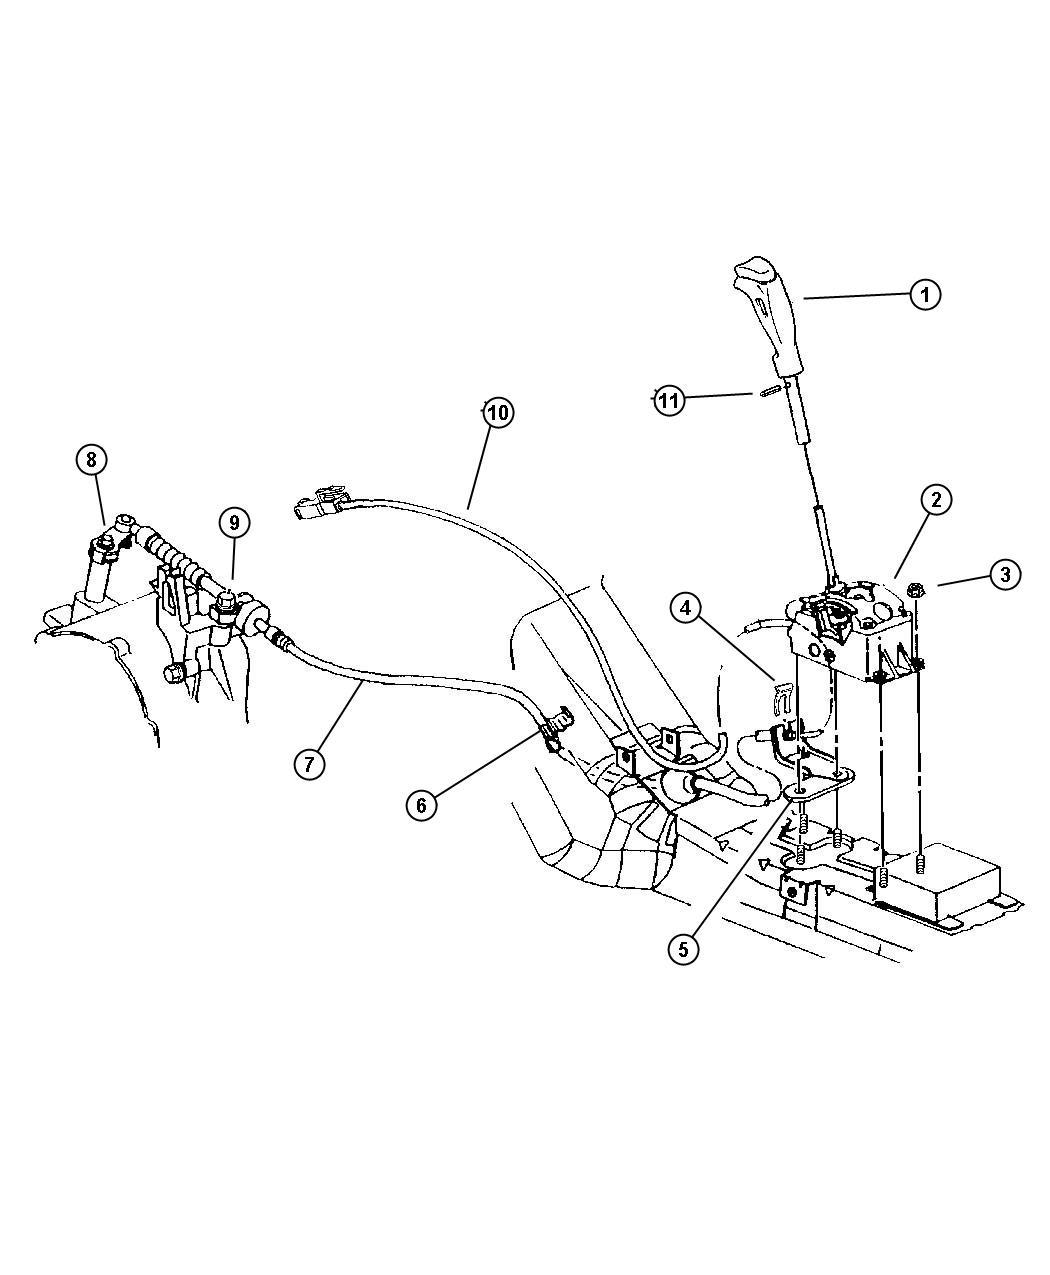 Chrysler Sebring Bracket. Transmission control cable